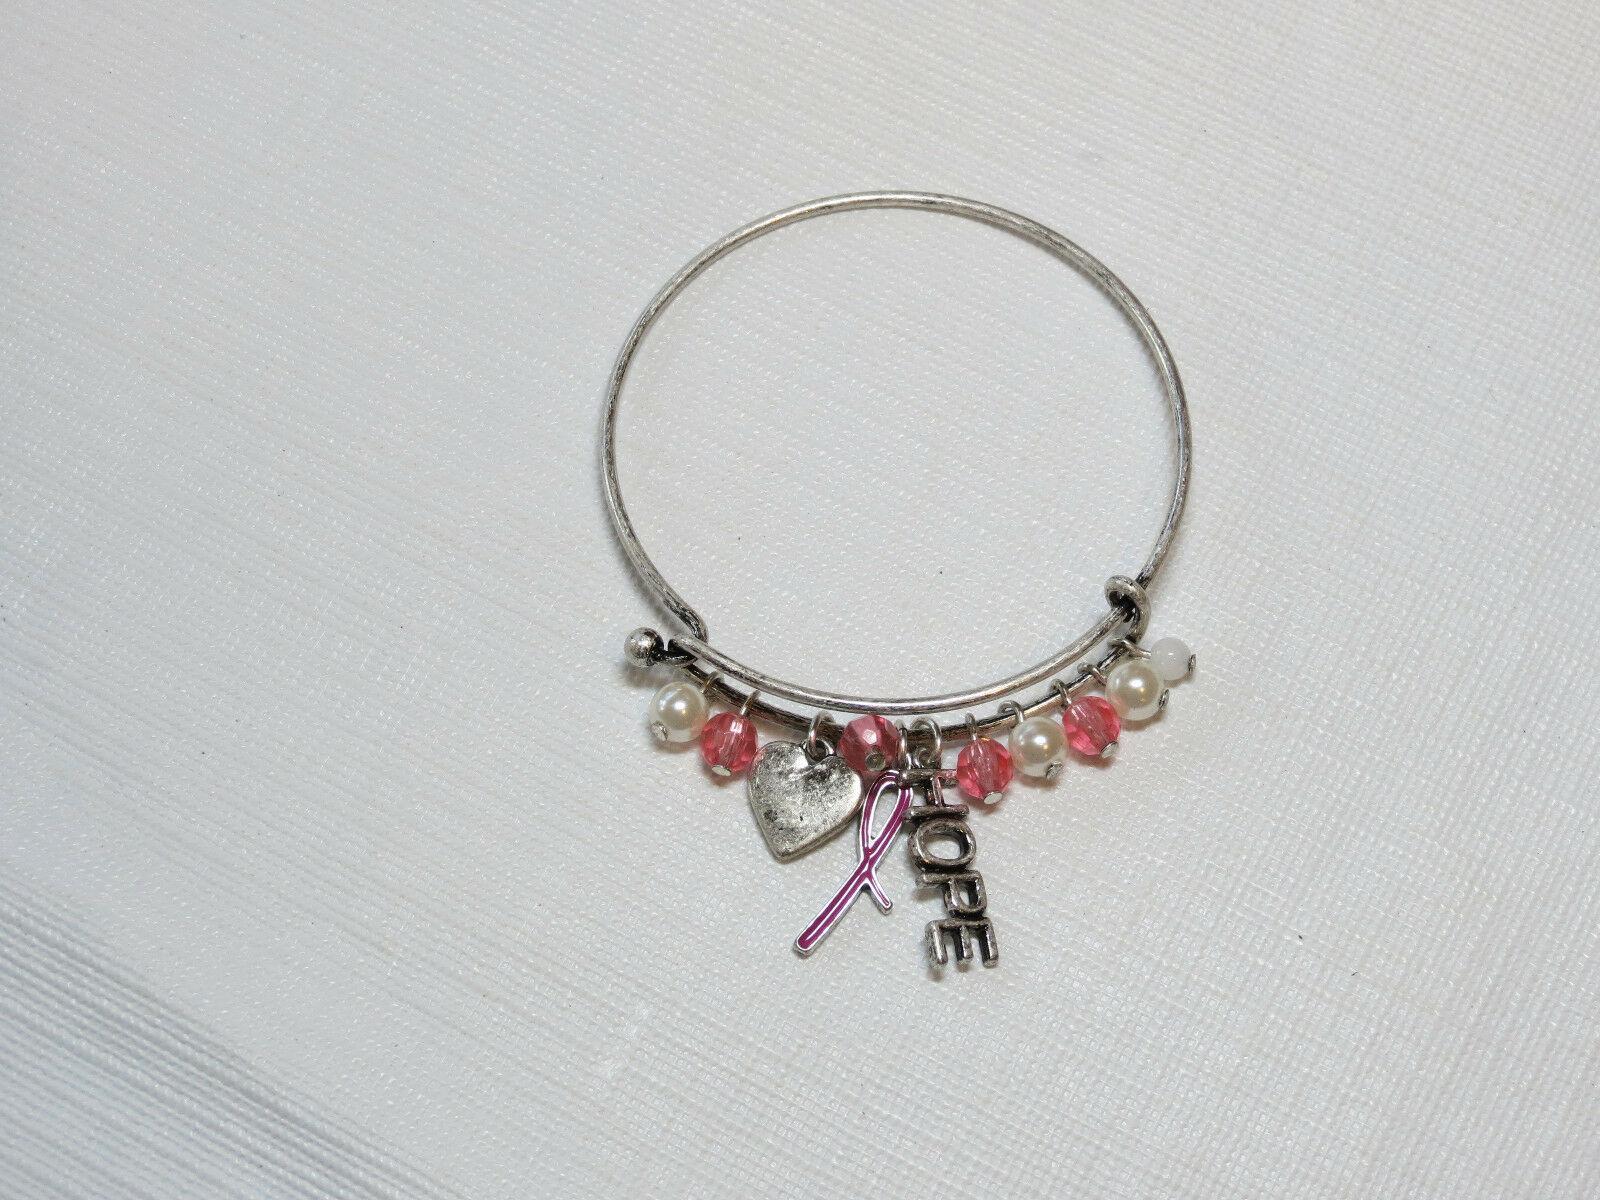 Femmes Avon Cancer Du Sein Crusade Breloque Bracelet F3983781 Nip image 2